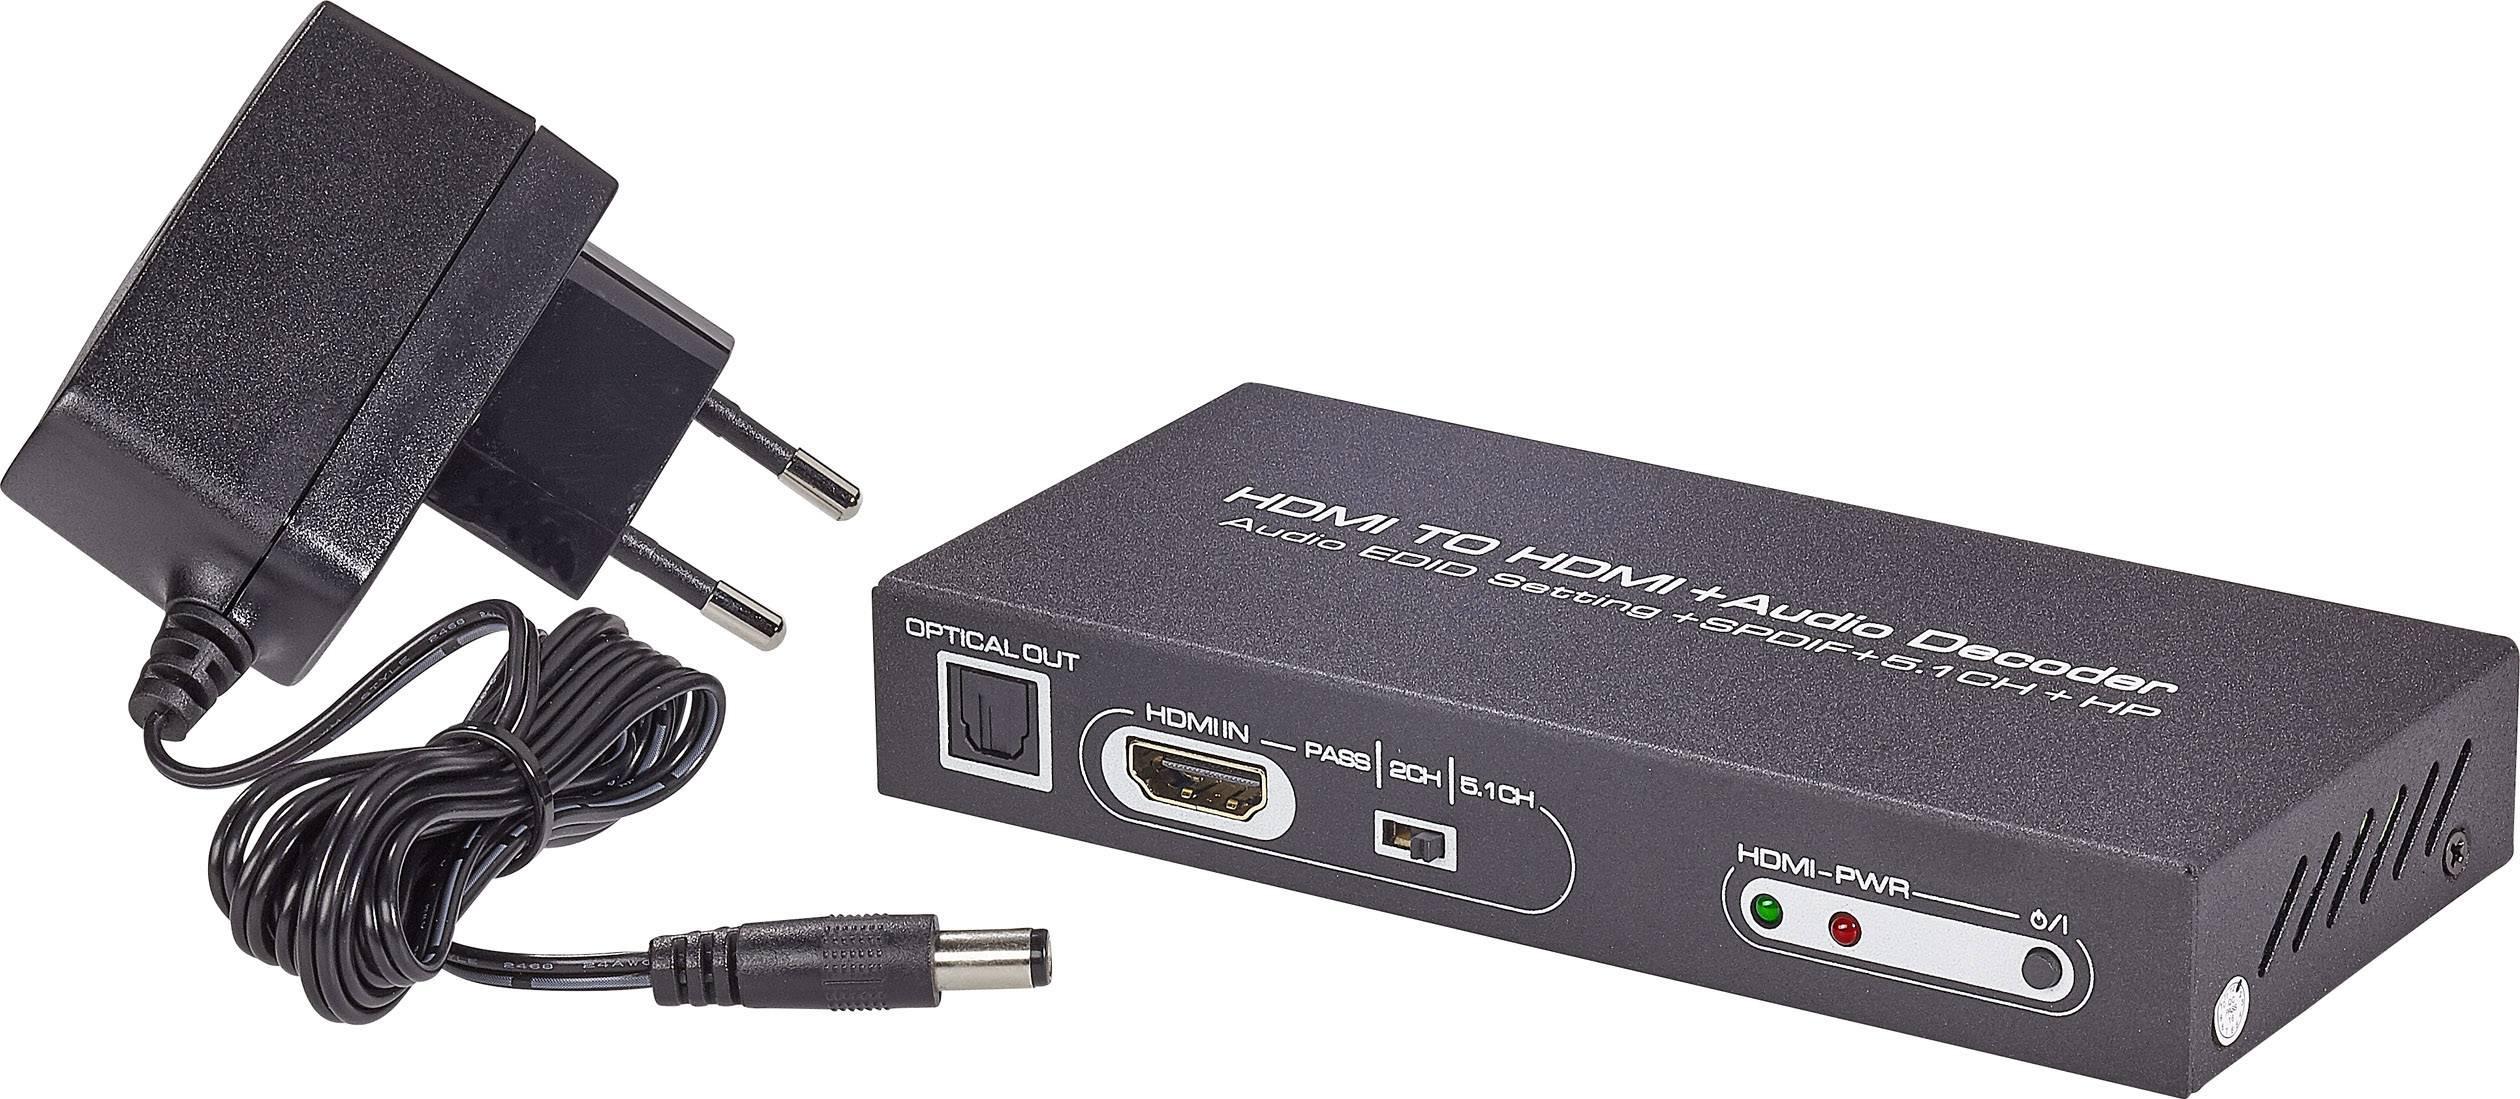 Audio extraktor HDMI zásuvka ⇒ cinch zásuvka, Toslink zásuvka (ODT), HDMI zásuvka, jack zásuvka 3,5 mm SpeaKa Professional SP-AE-H/6K SP-4916328